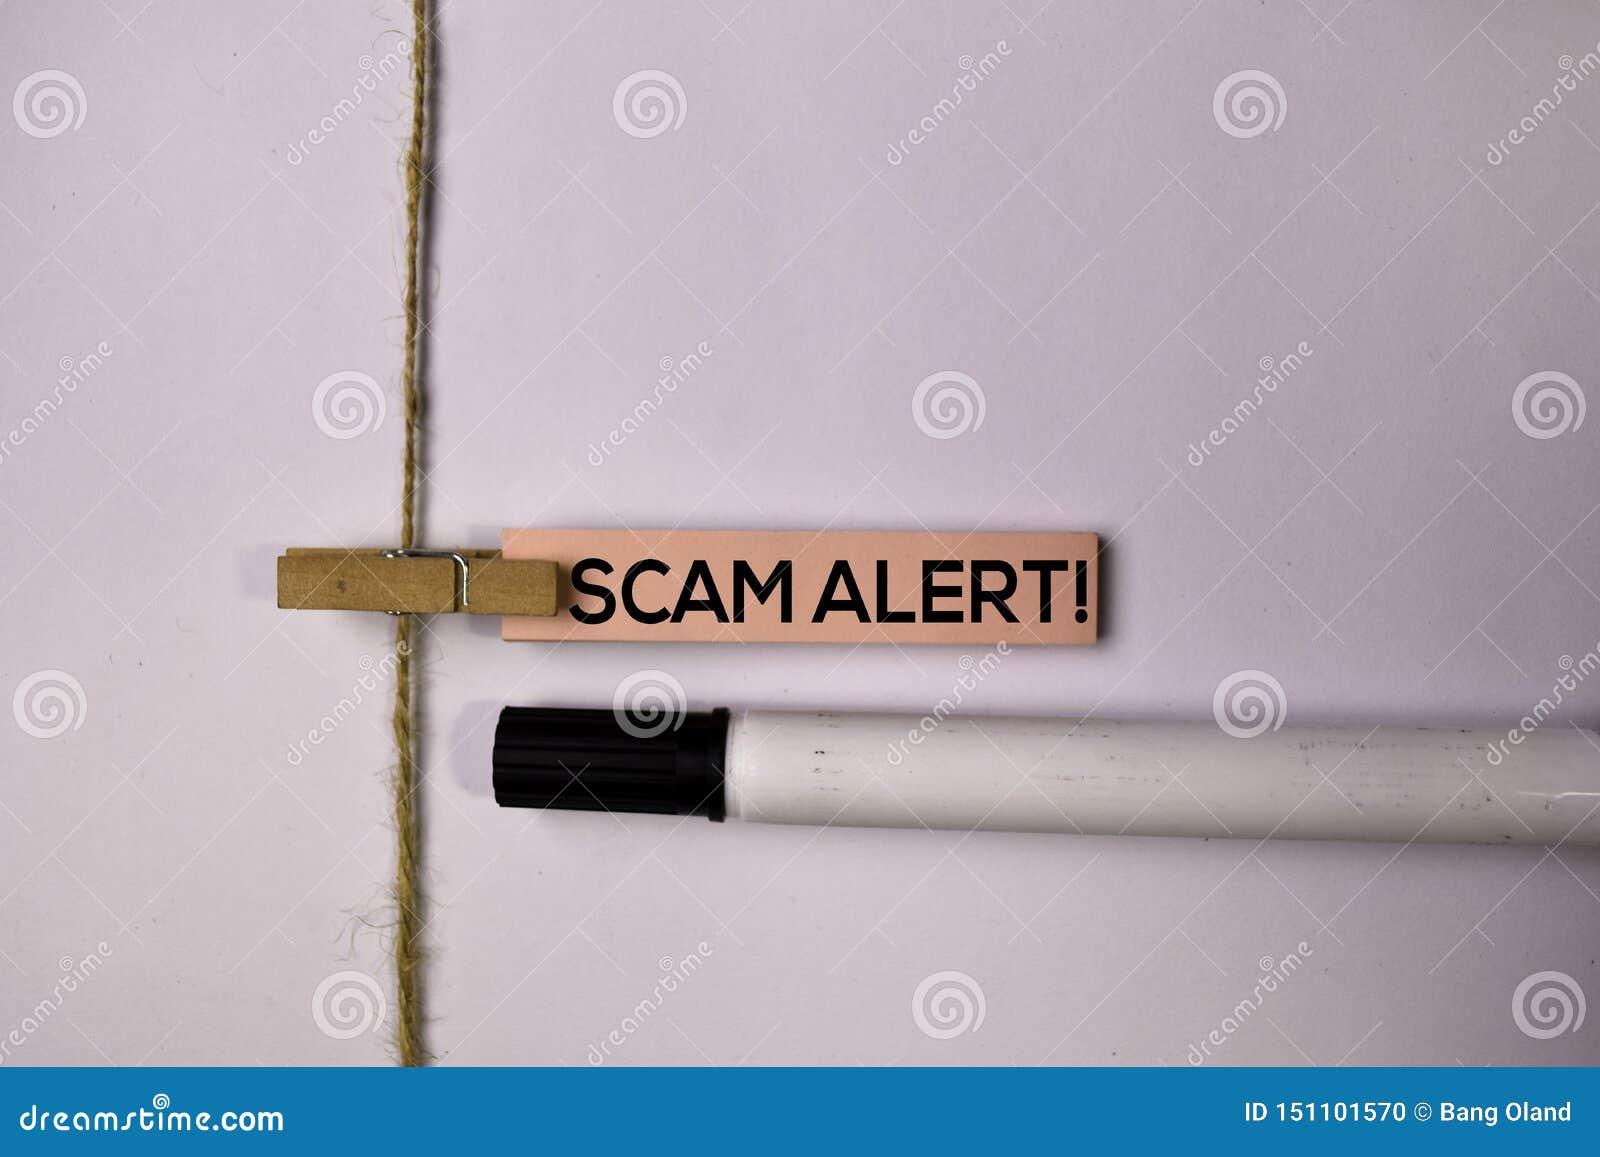 Allarme di Scam! sulle note appiccicose isolate su fondo bianco